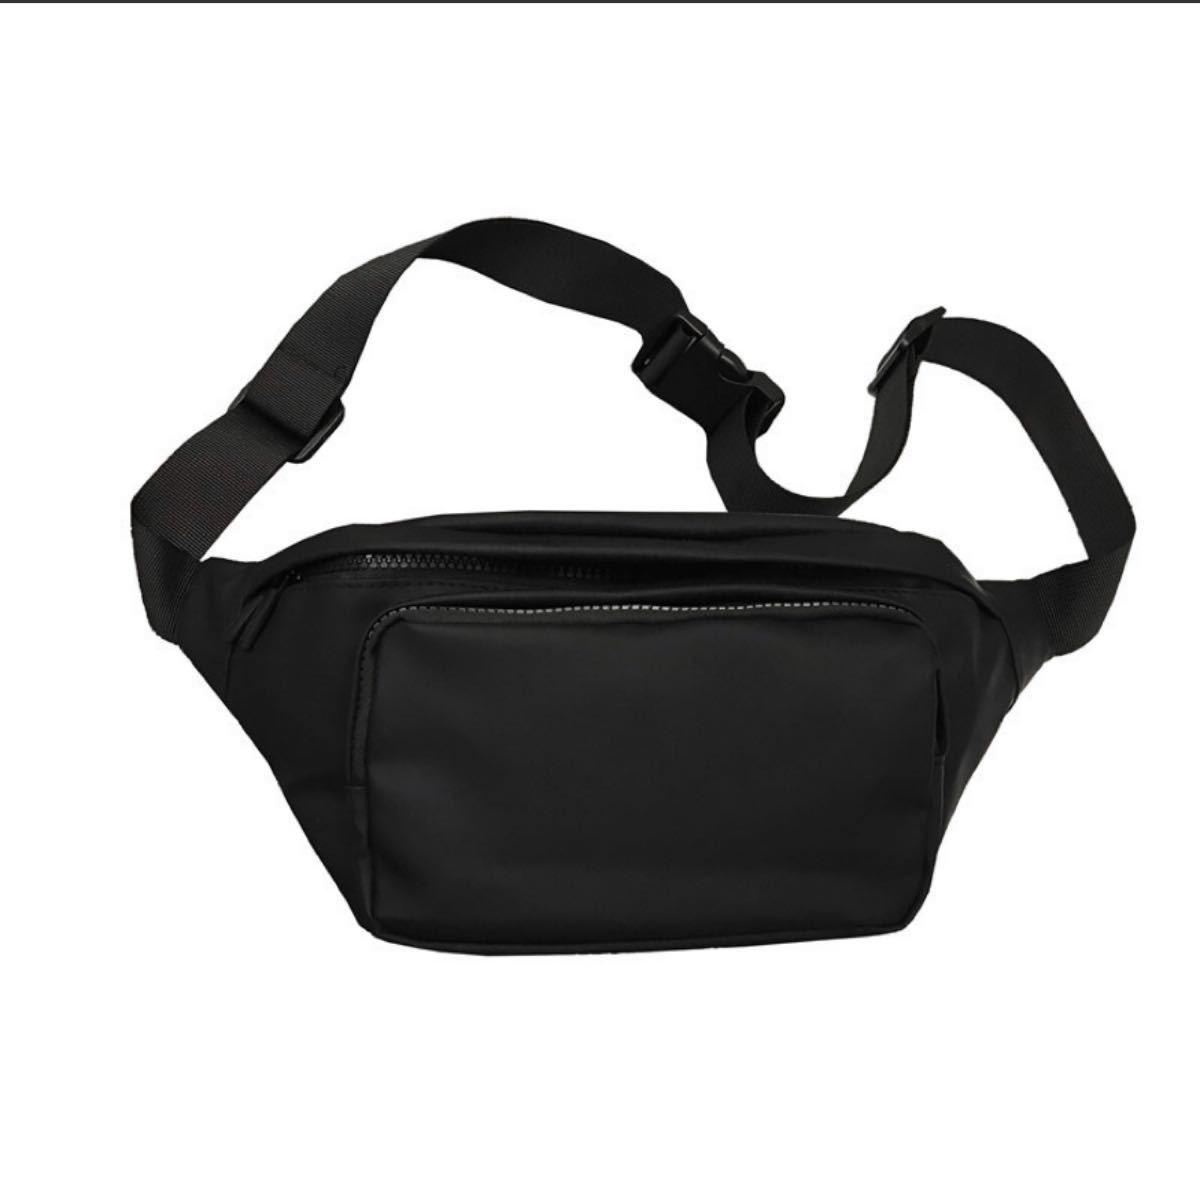 メンズボディバッグ メンズバッグ ショルダーバッグ ボディバッグ 斜め掛け 大容量 ウエストポーチ ブラック 新品